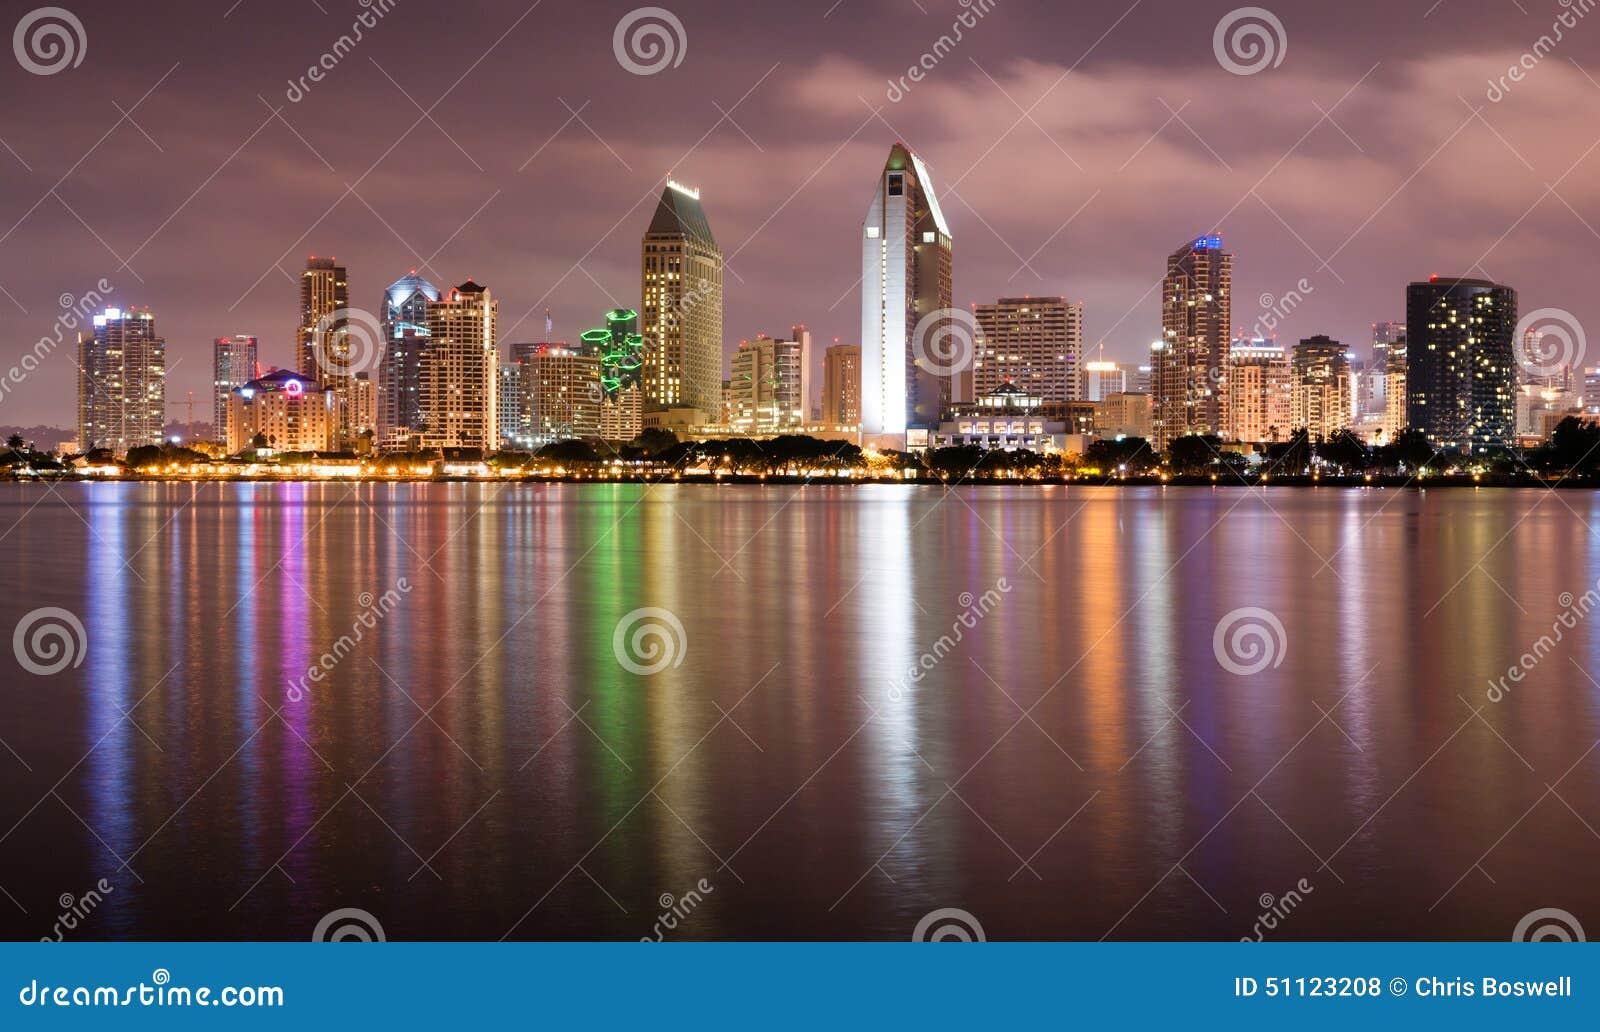 Coronado De última Hora San Diego Bay Downtown City Skyline Foto De